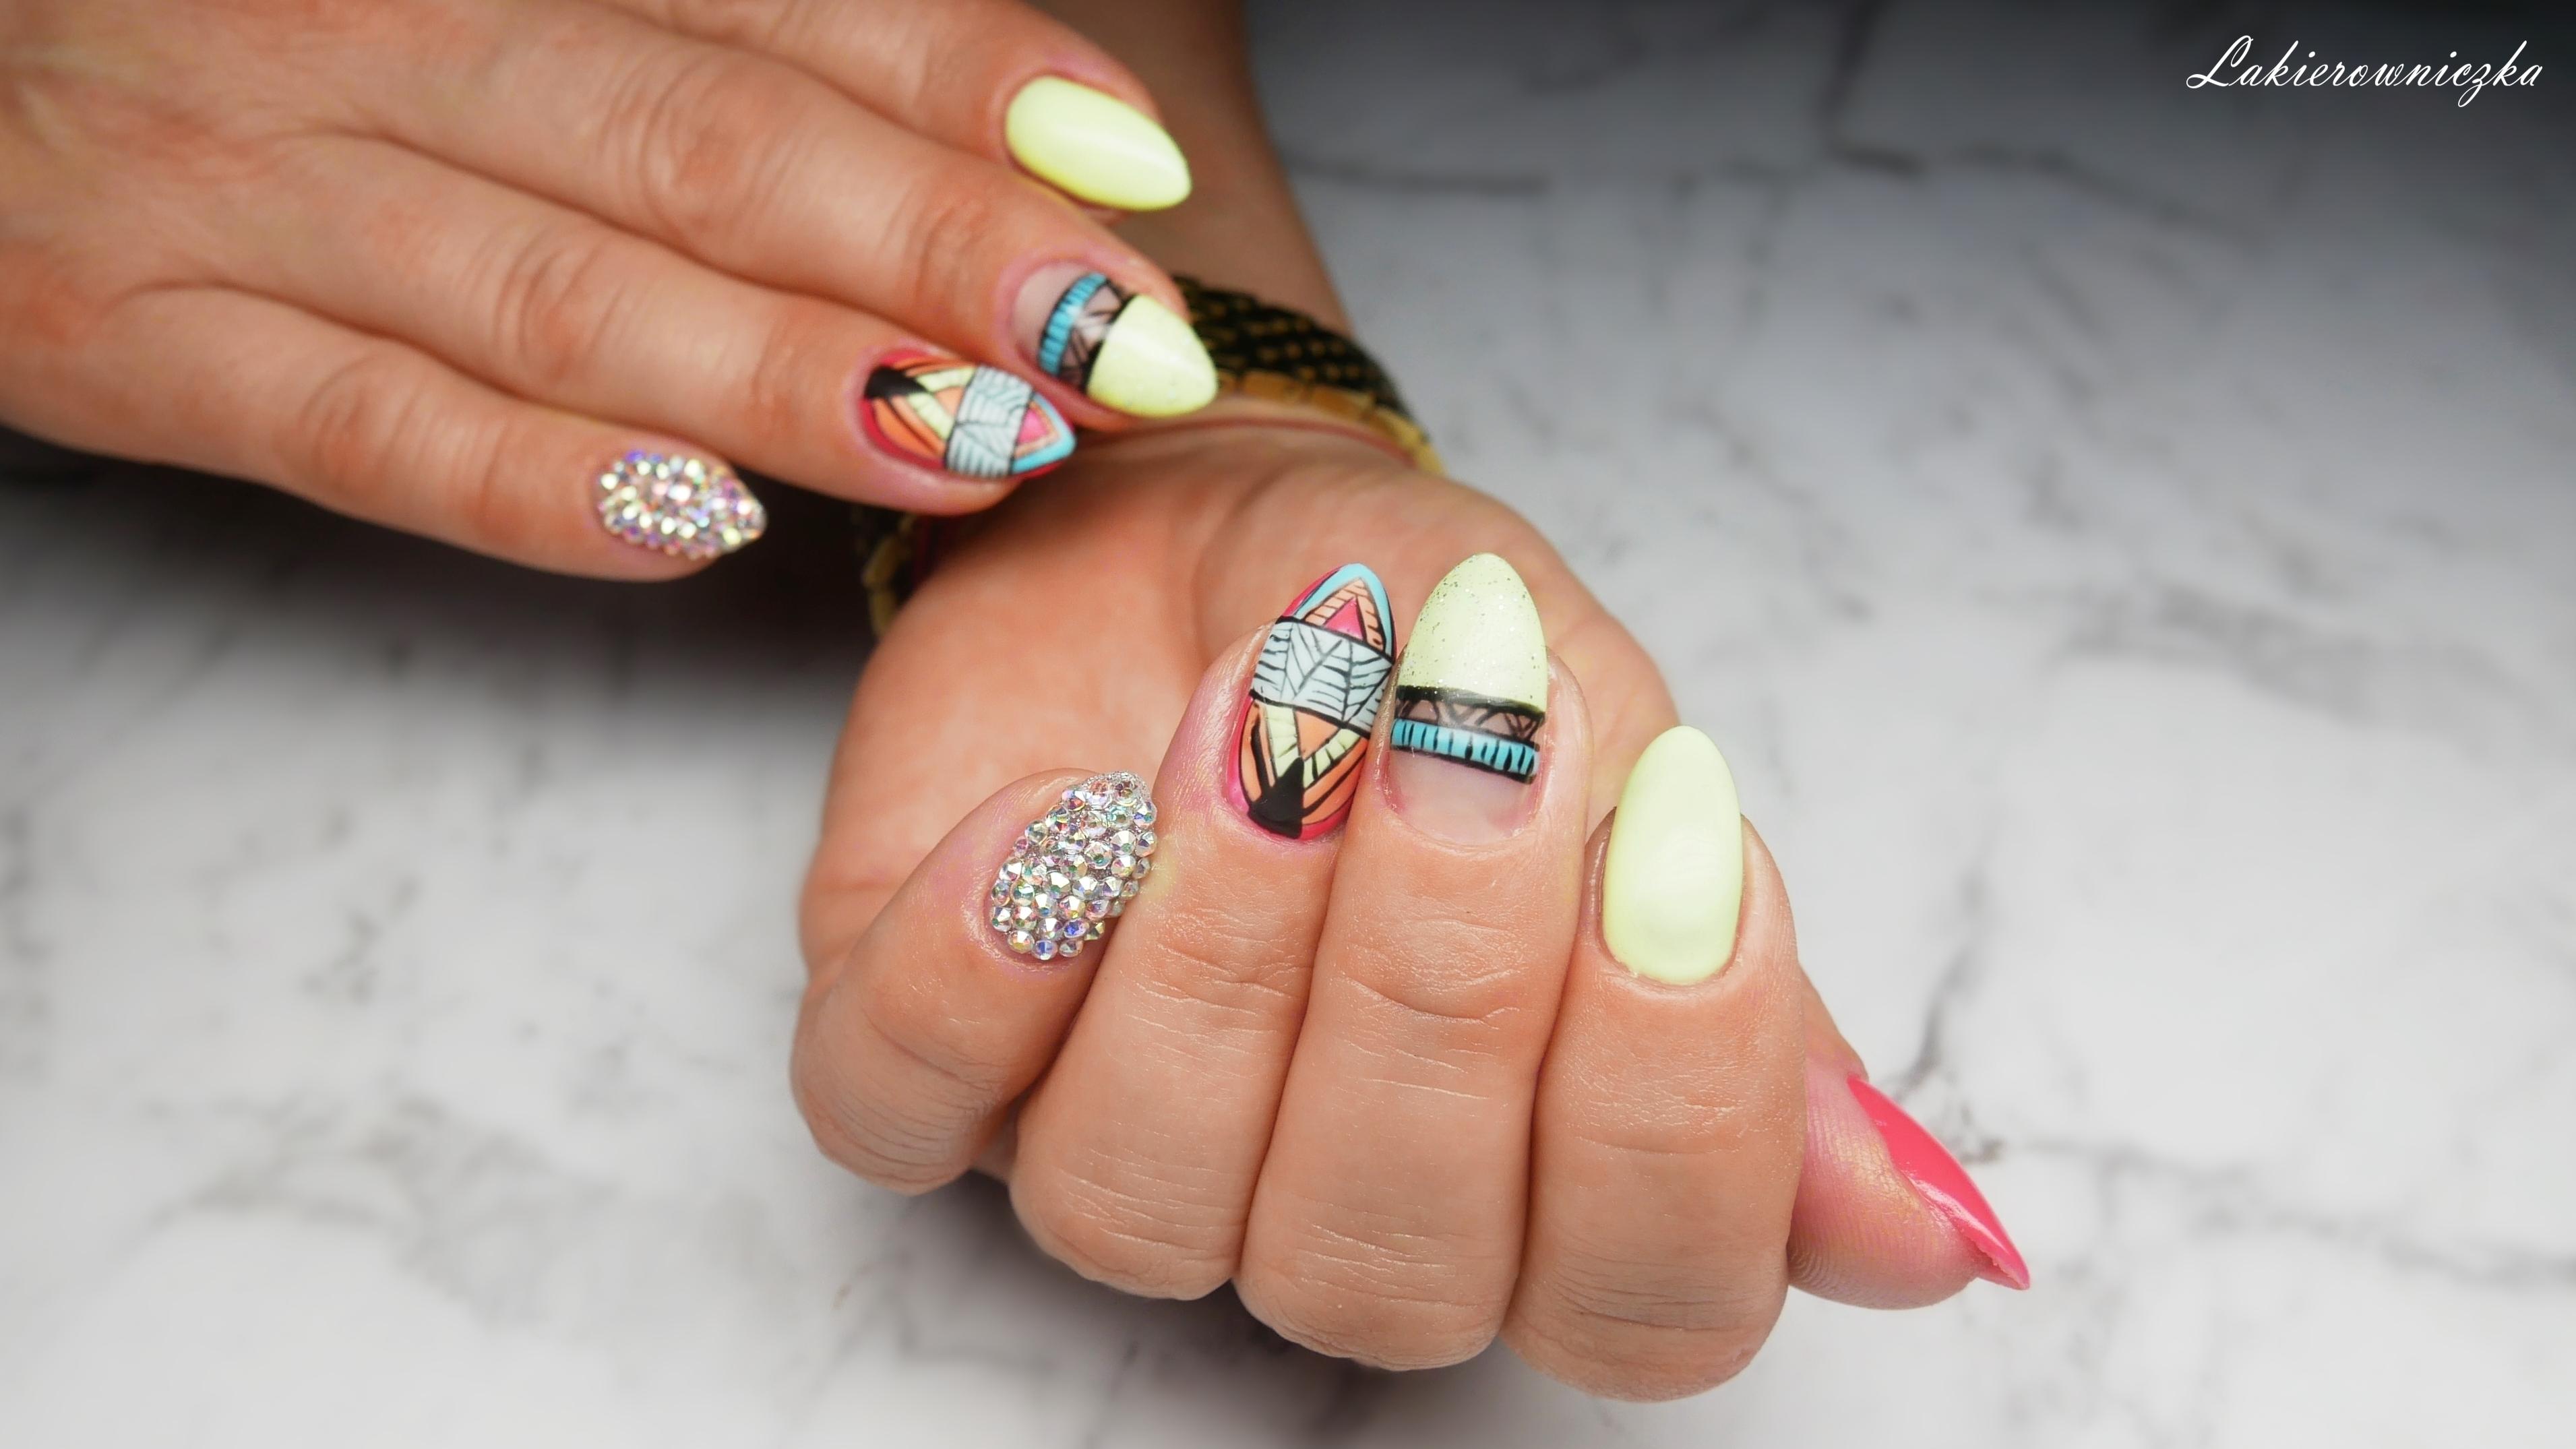 matowe-azteckie-paznokcie-limonka-Charbonne-109-wiosenna-limonka-aztec-hybrid-nails-matte-Lakierowniczka-Swarovski